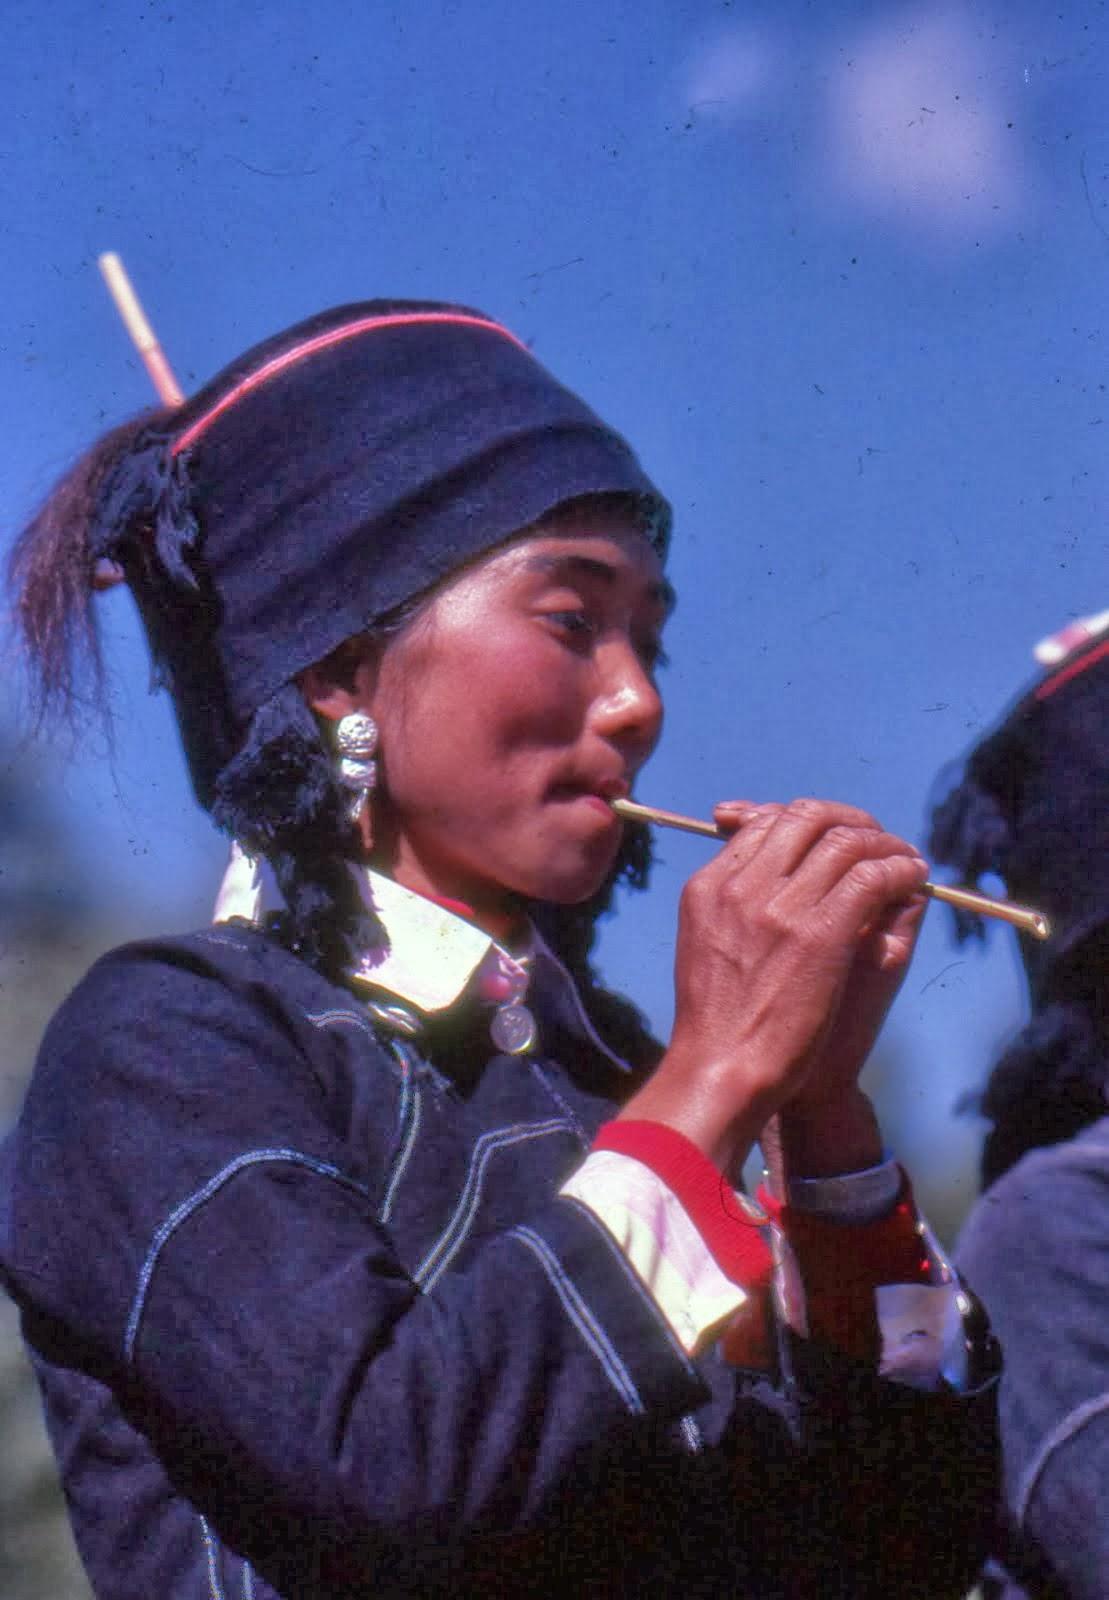 Hani girl on flute